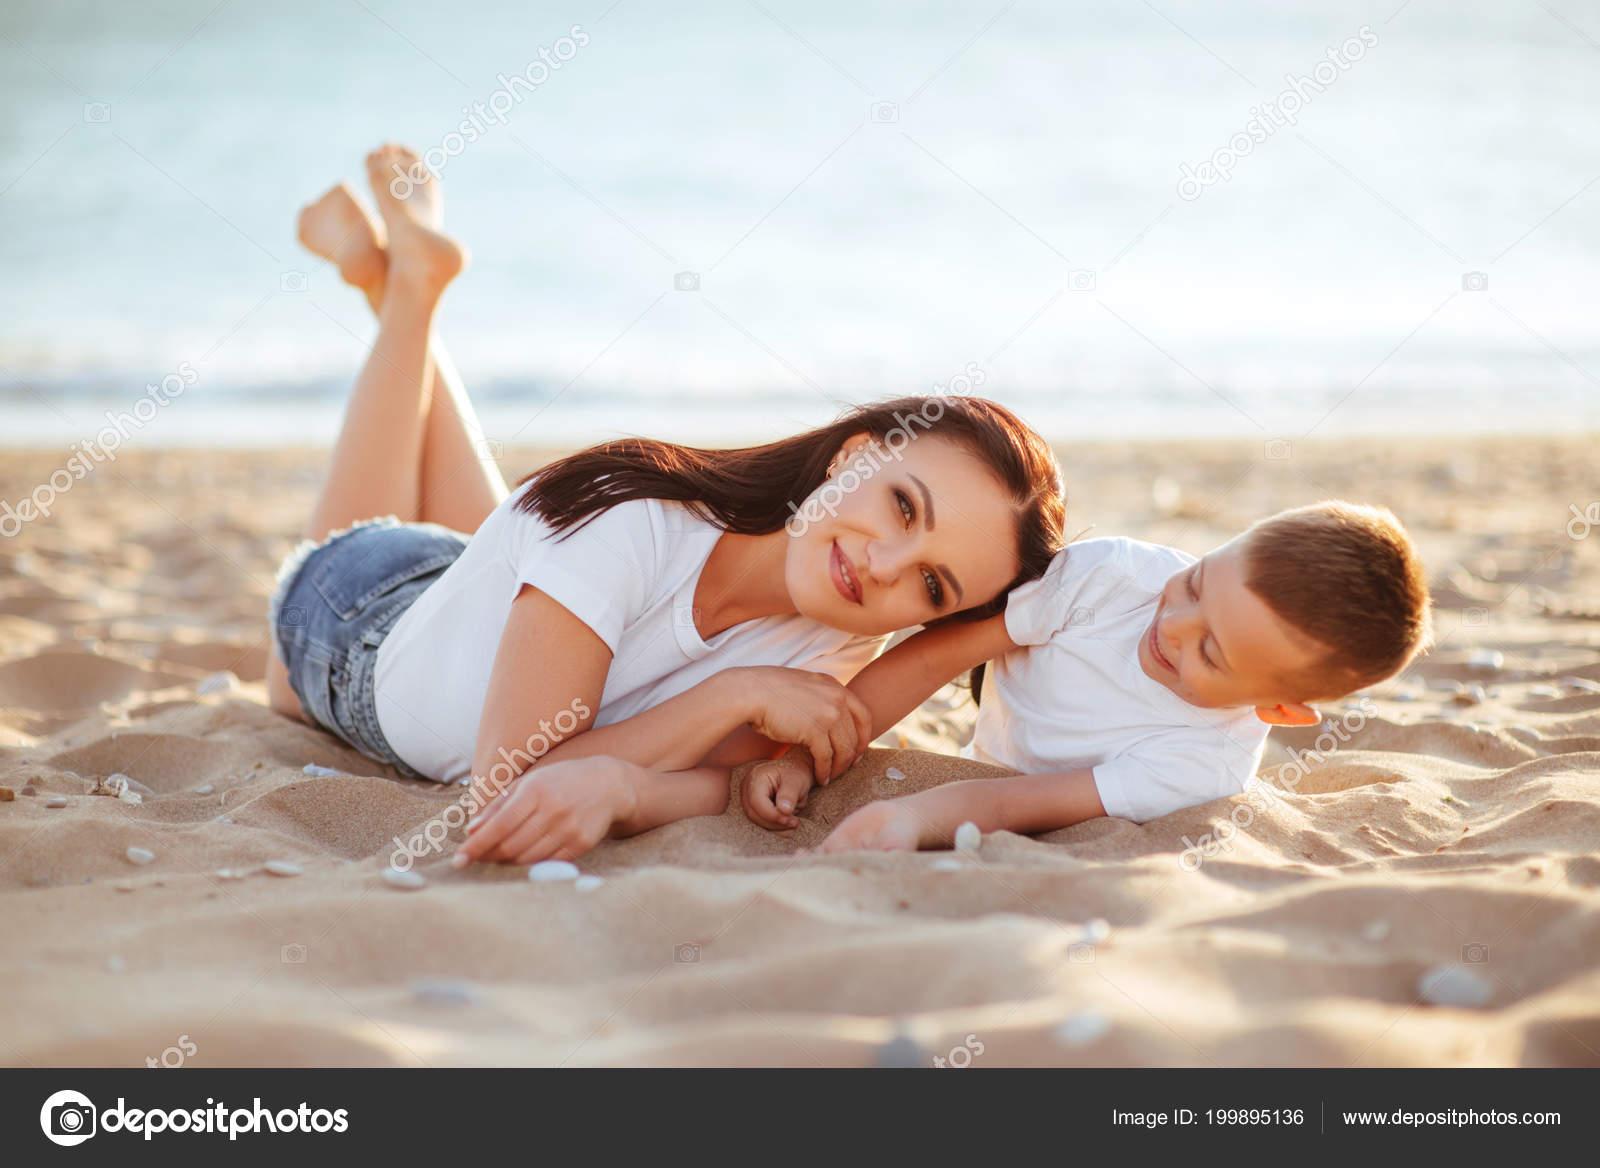 Рассказ секс мамы с сыном на отдыхе, Инцест - Эротический рассказ 15 фотография